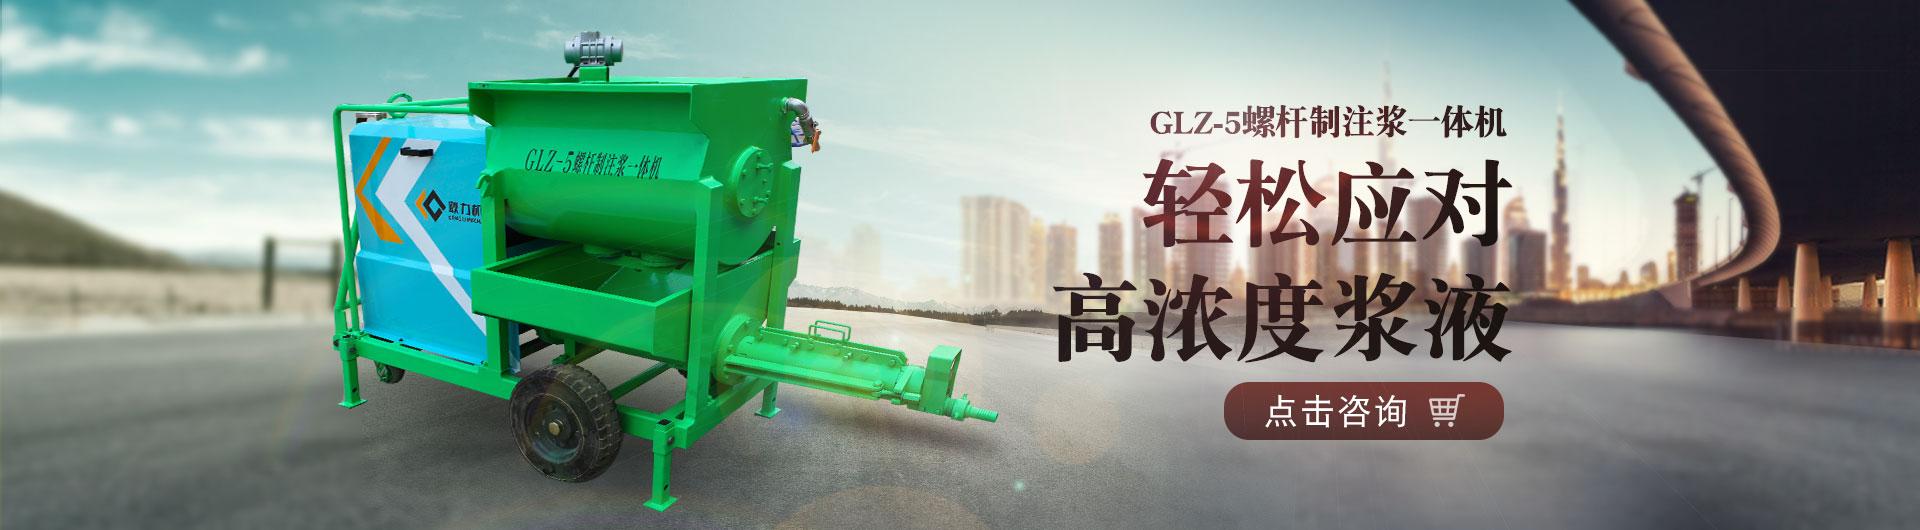 GLZ-5